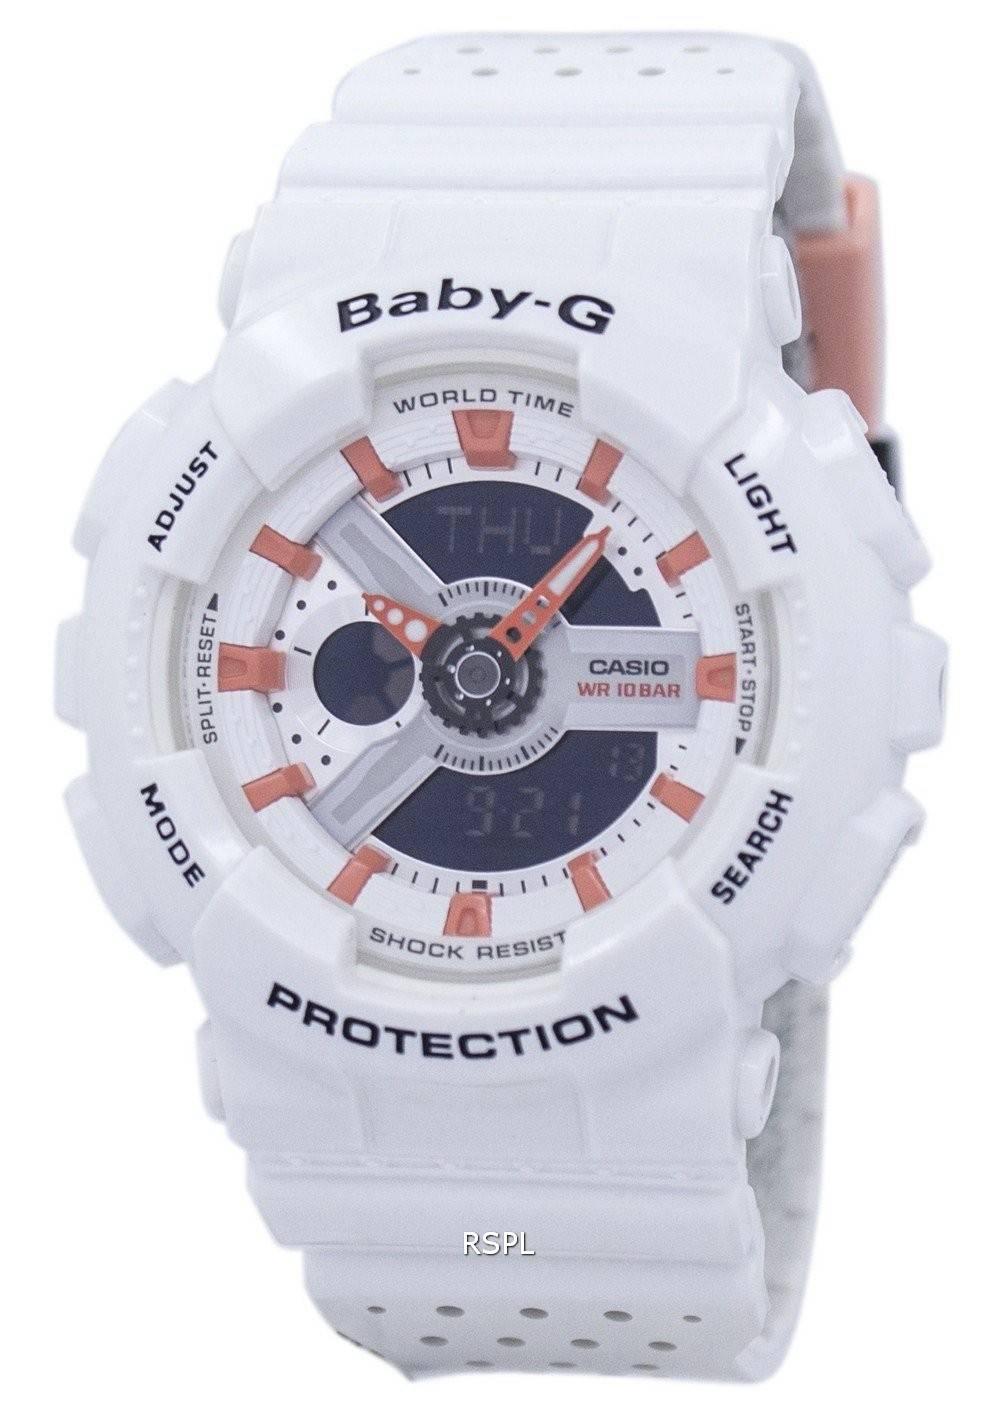 Résistant Baby Numérique Ba A Temps Monde 2 Chocs 110pp G Analogique 7 Aux Casio Women Watch 7b6gfyIYvm